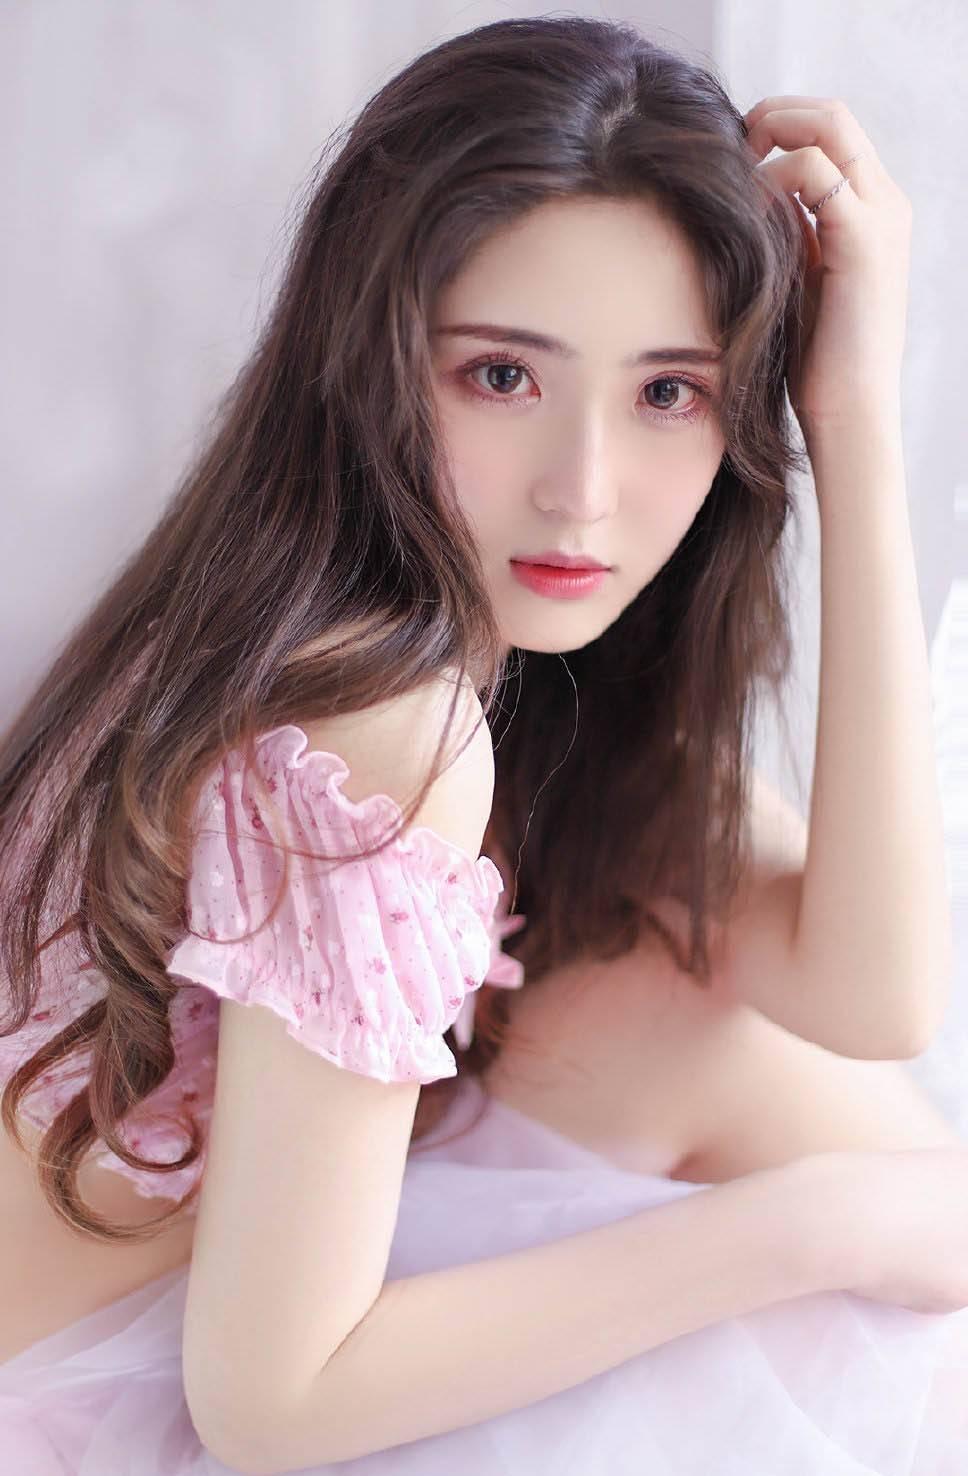 五星彩票官网-苹果下载 【ybvip4187.com】-西北西南-贵州省-遵义